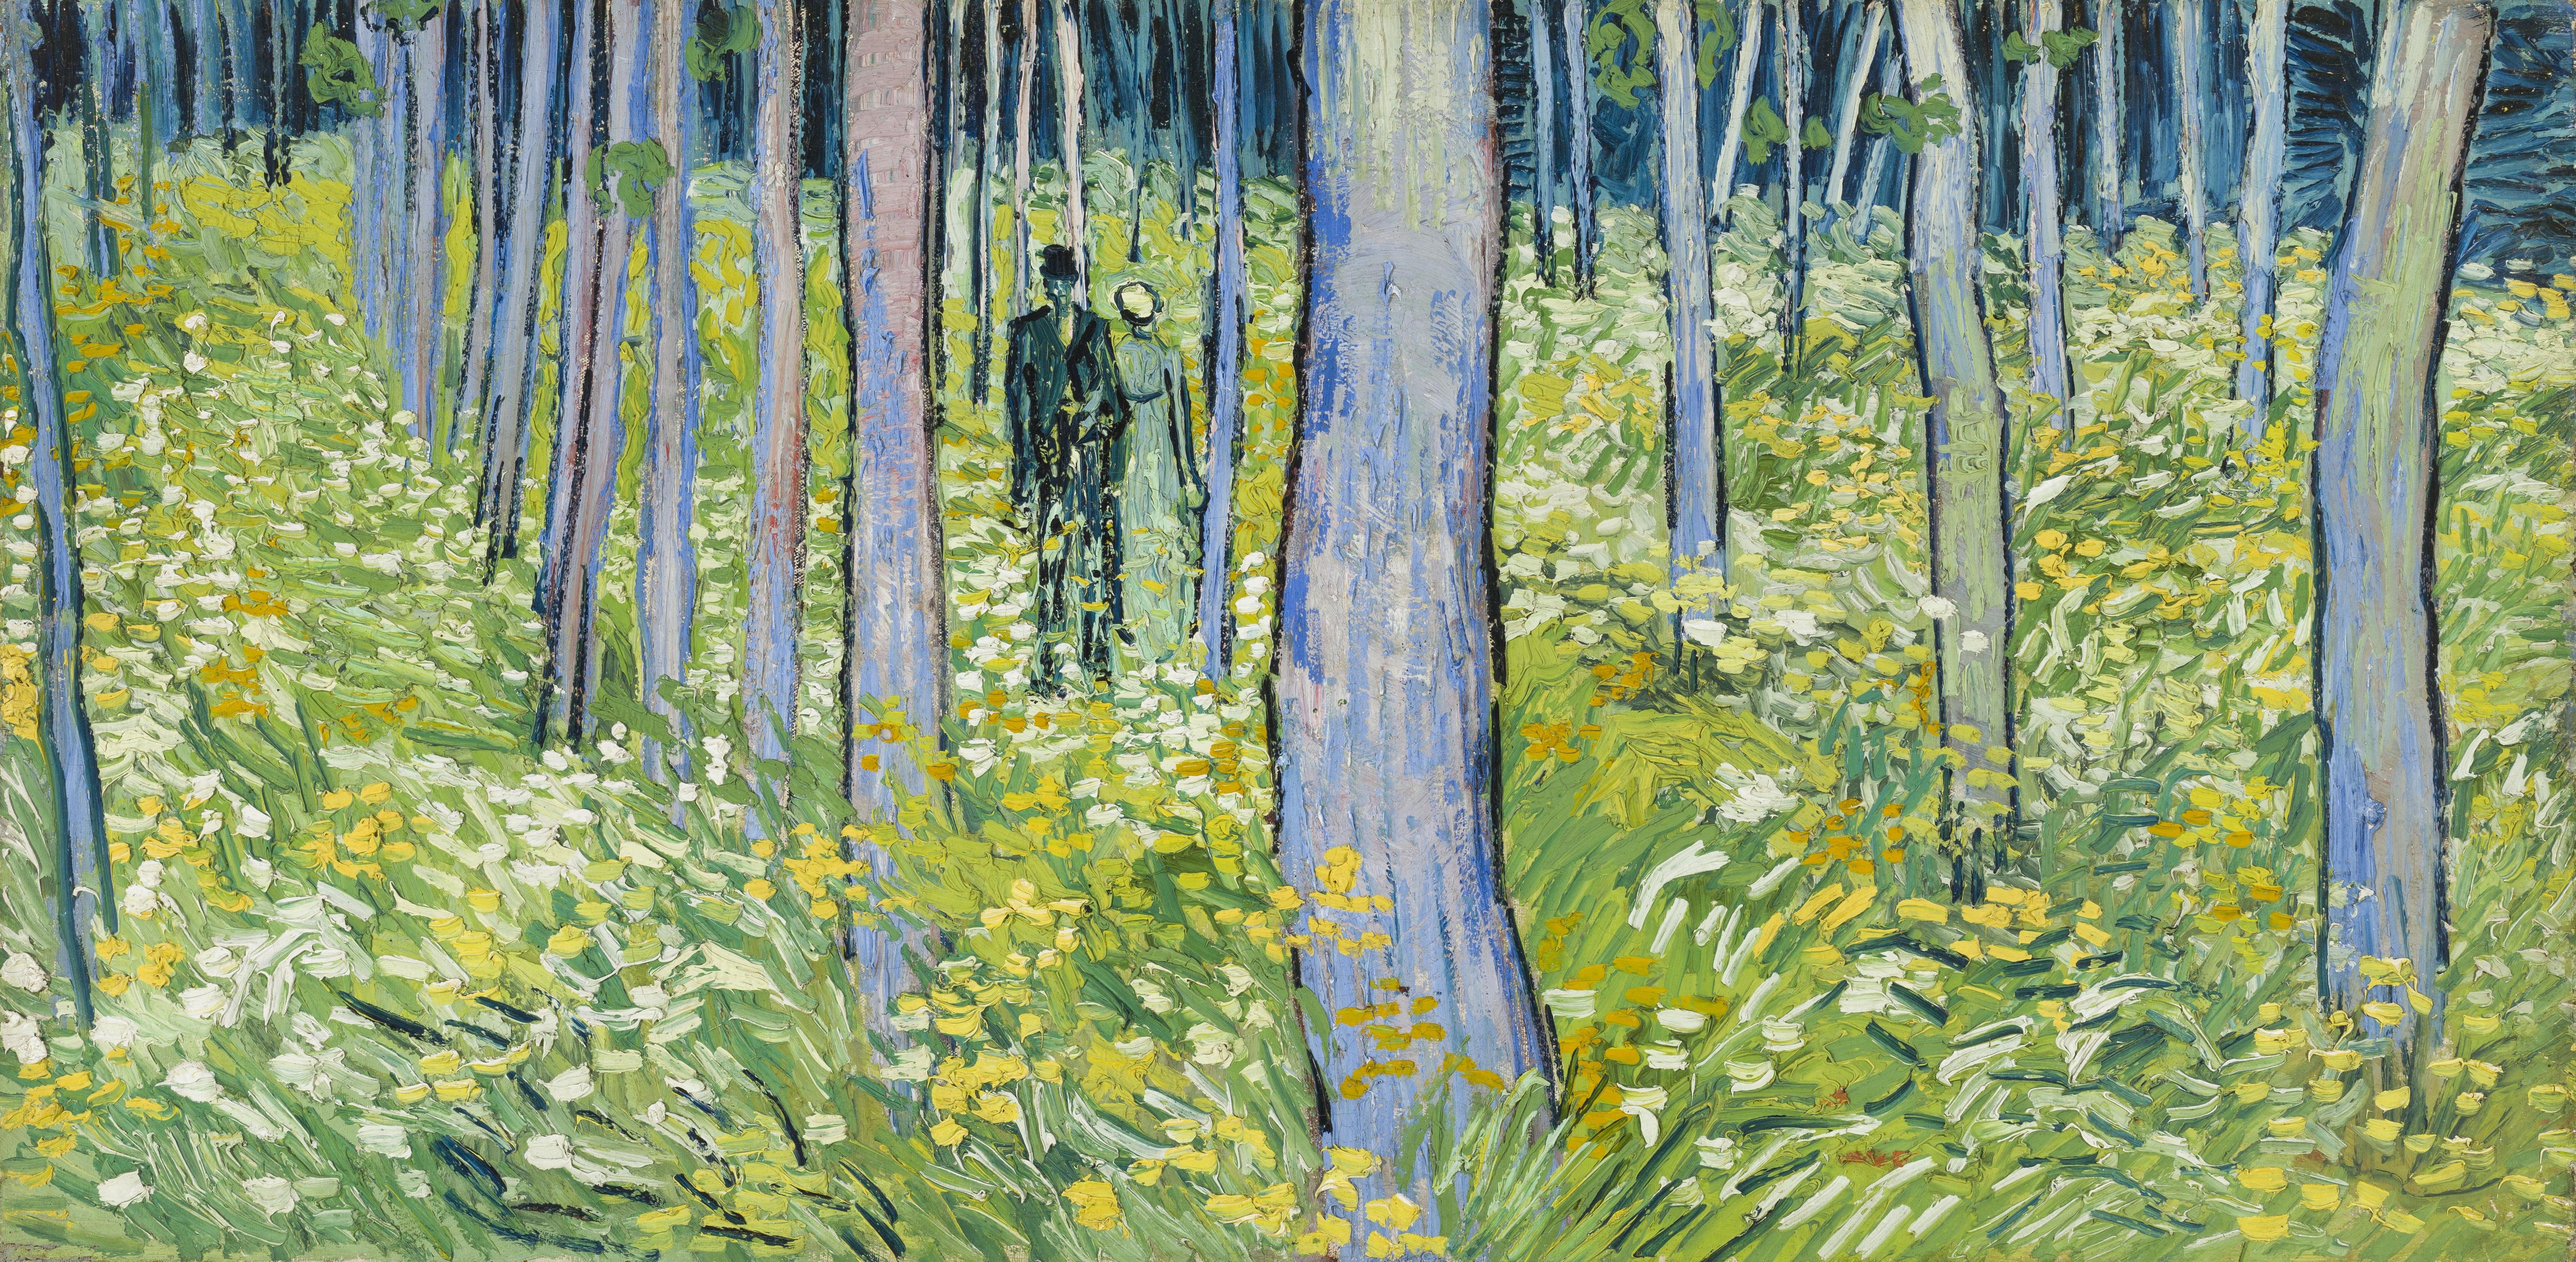 Fichier:Vincent van Gogh - Undergrowth with